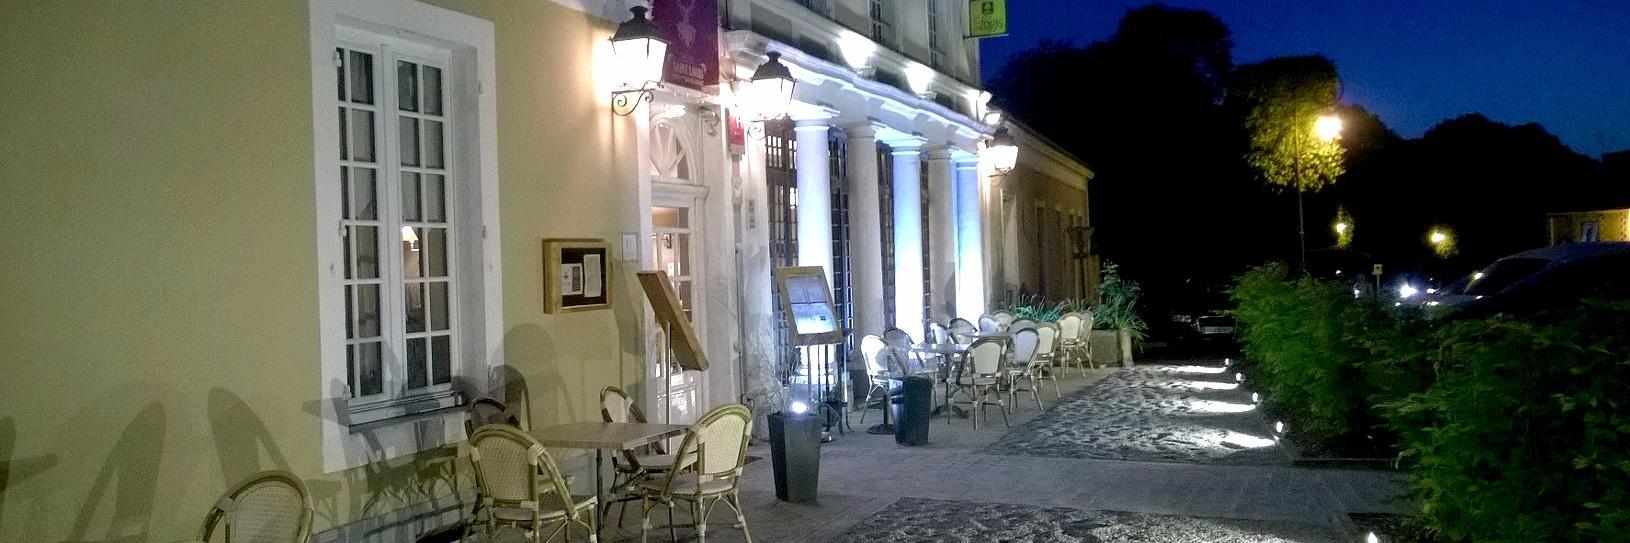 H tel le relais saint louis h tel logis belleme s jour basse normandie - Restaurant belleme perche ...